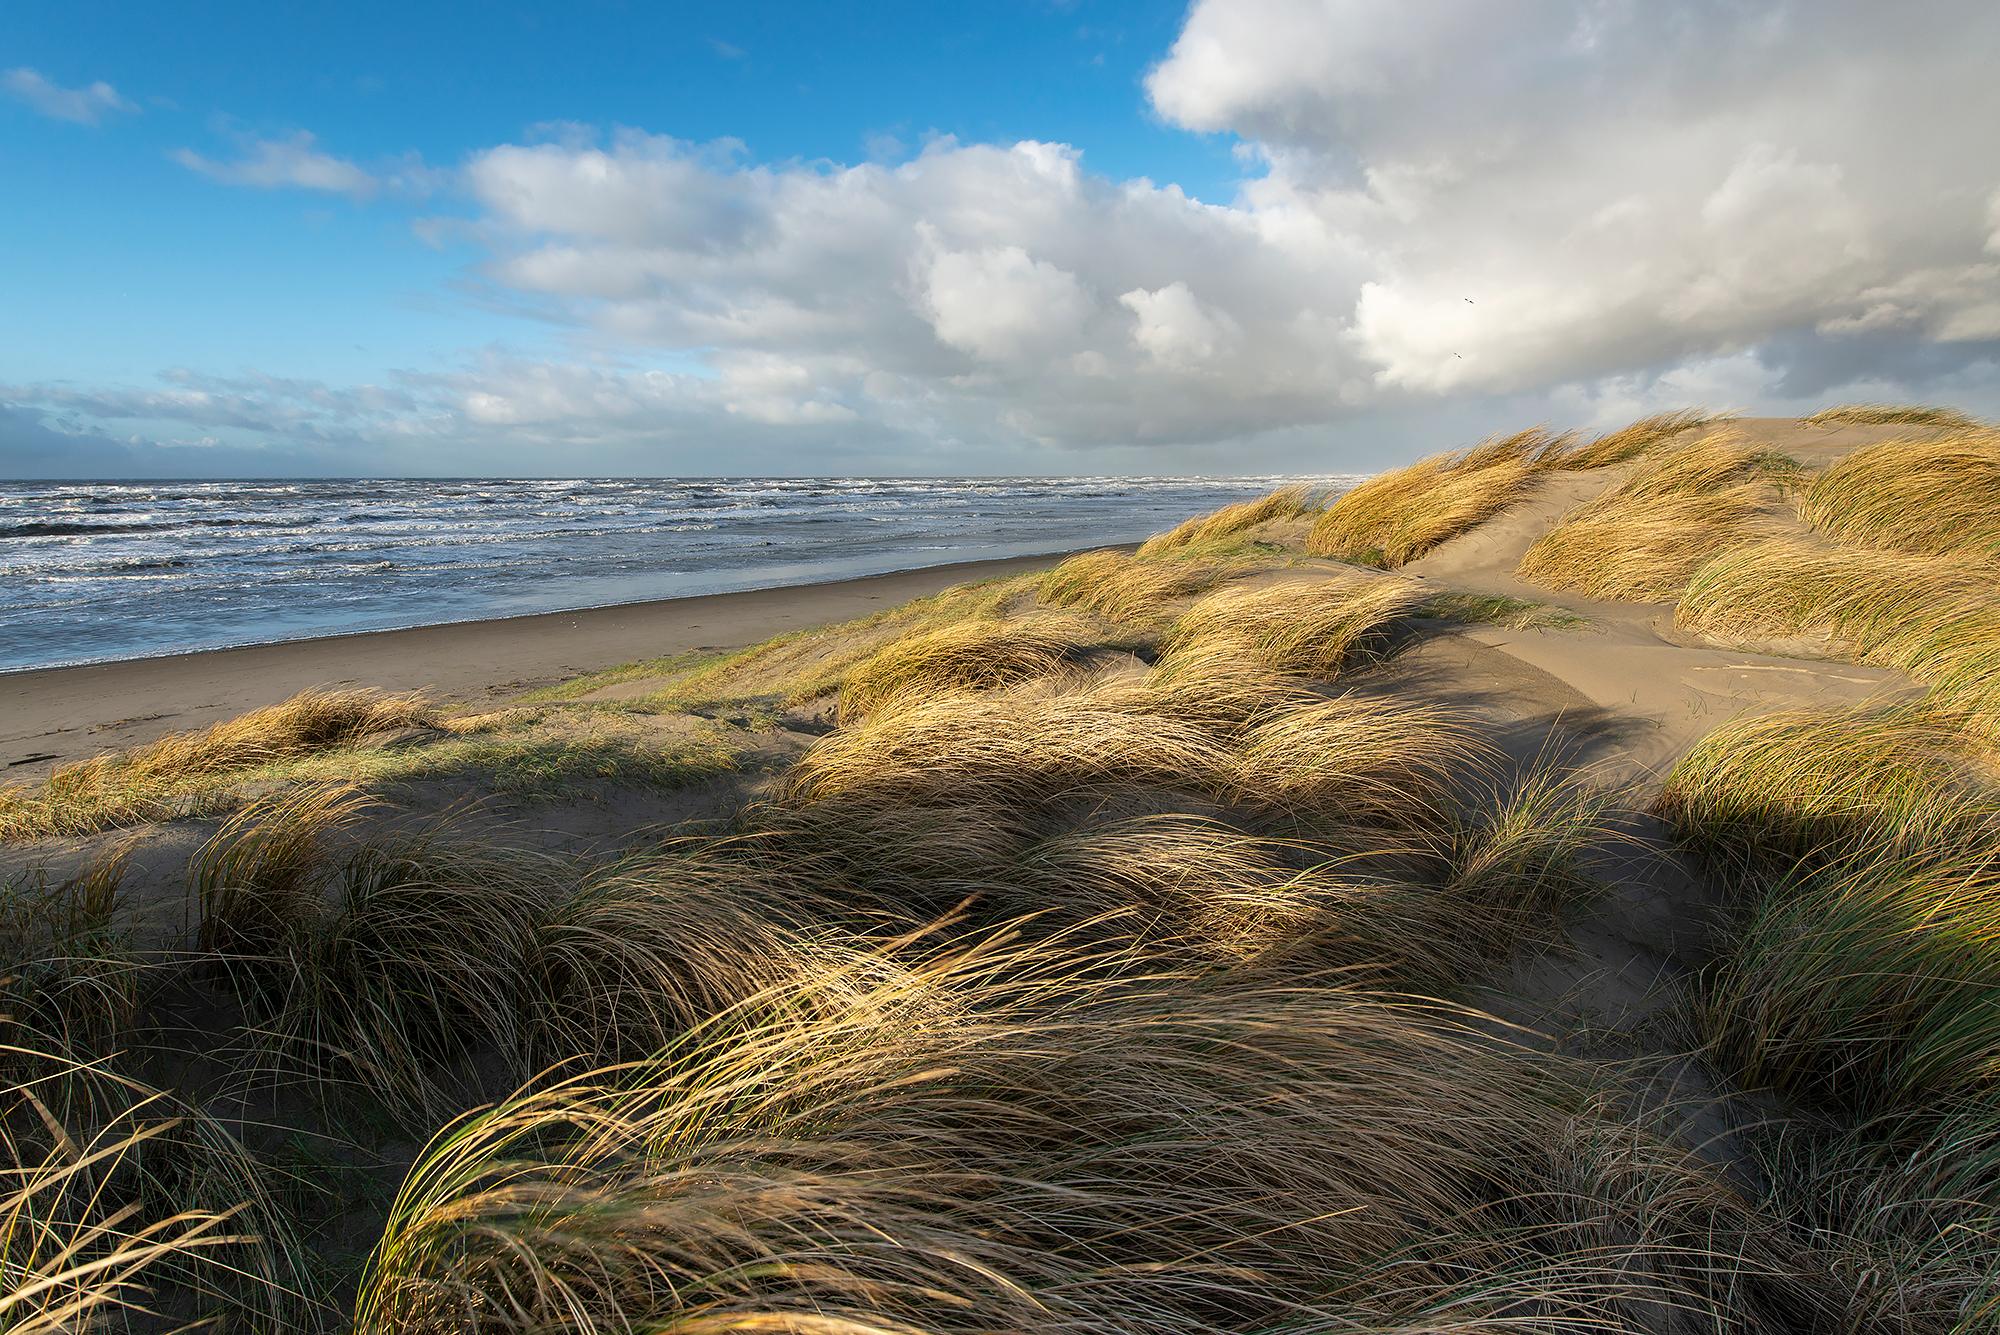 Uitzicht op het strand en de Noordzee vanuit de duinen op het strand van Wijk aan Zee